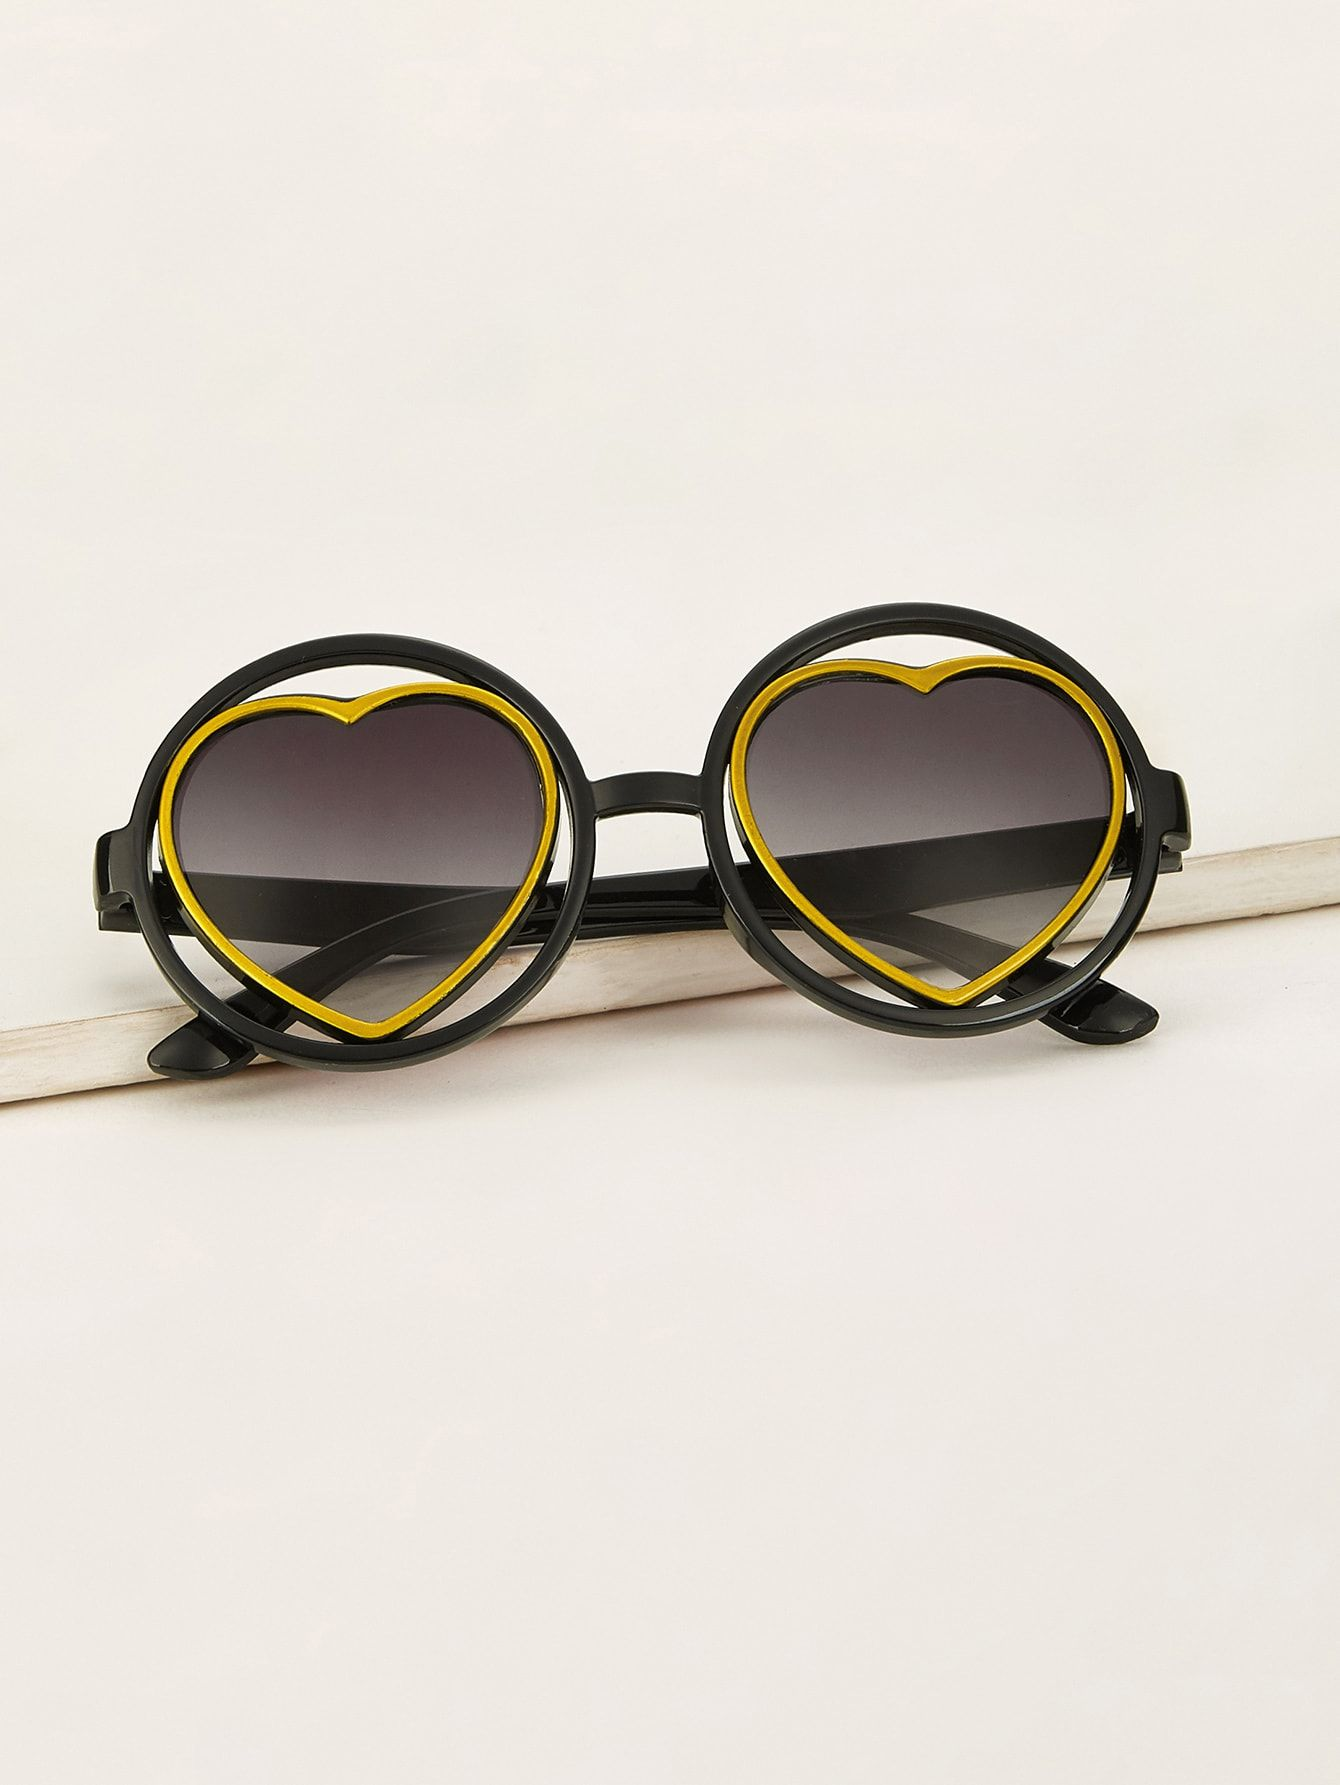 79d7bf92d7e2 Toddler Kids Round Frame Heart Shaped Lens Sunglasses #girls #boys #kids